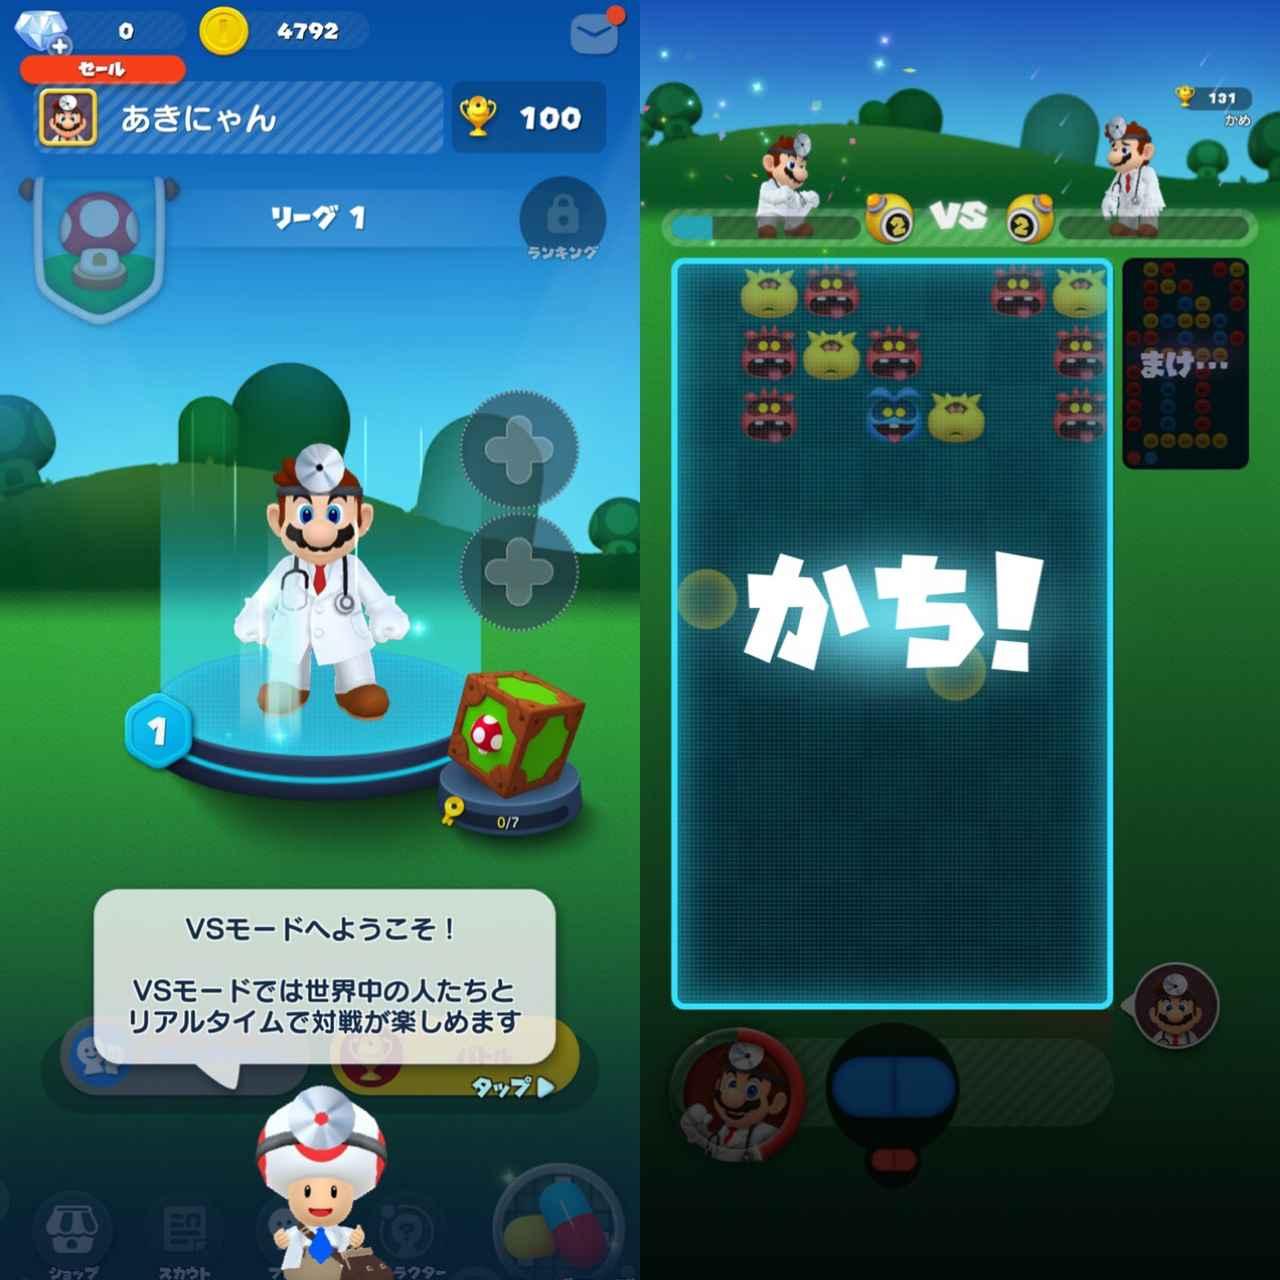 画像3: ドクターを設定!VSモードも開放で友達と対戦できちゃう!